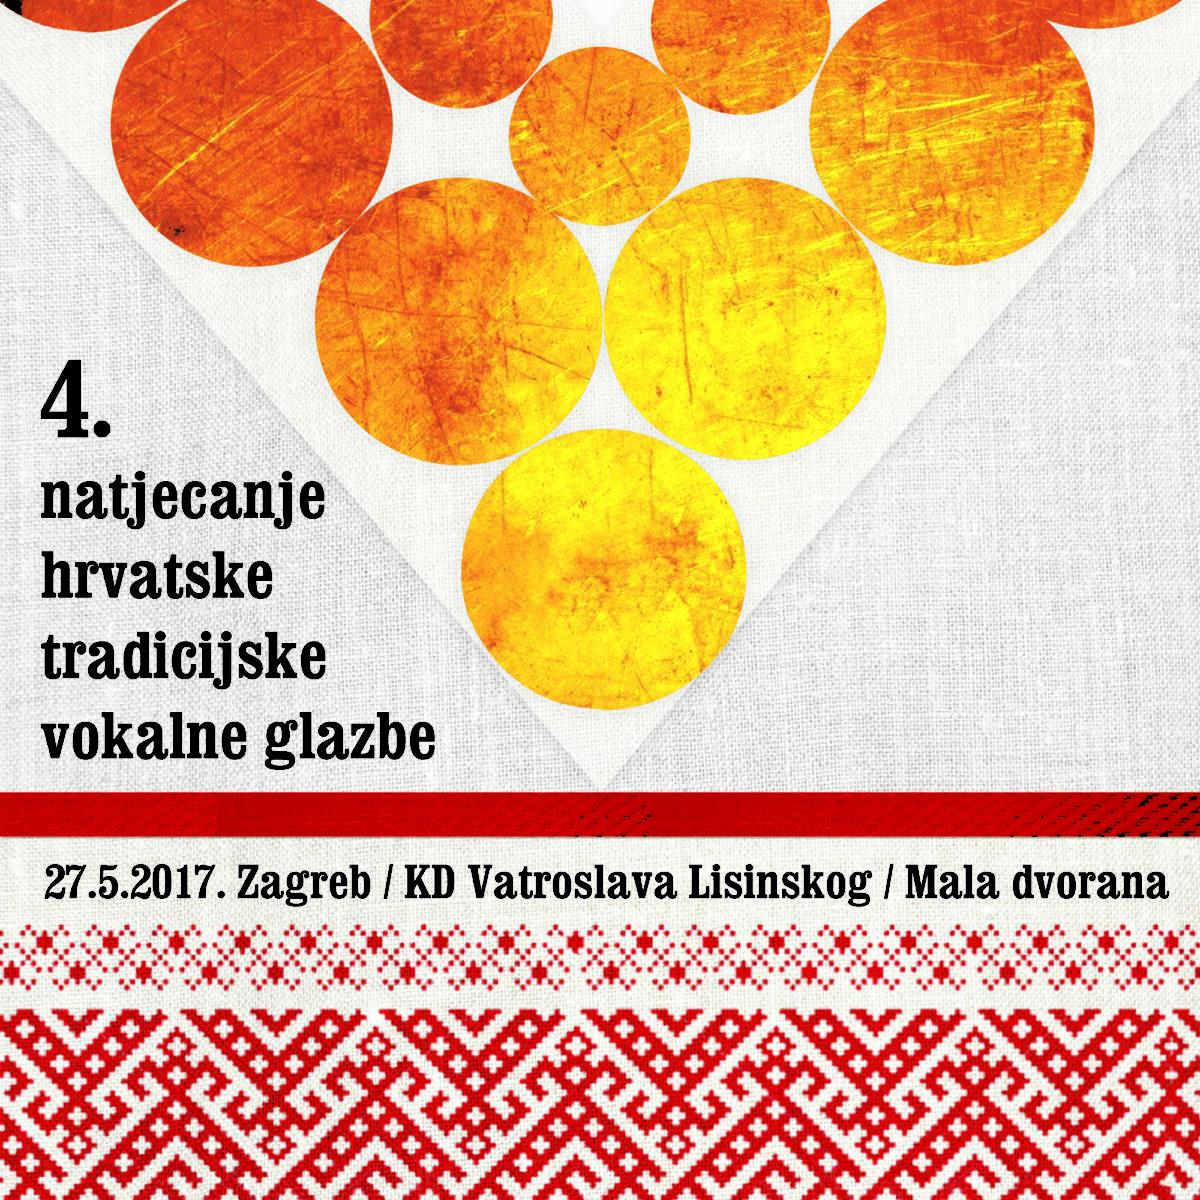 Rezultati 4. Natjecanja hrvatske tradicijske vokalne glazbe-Zagreb 2017.